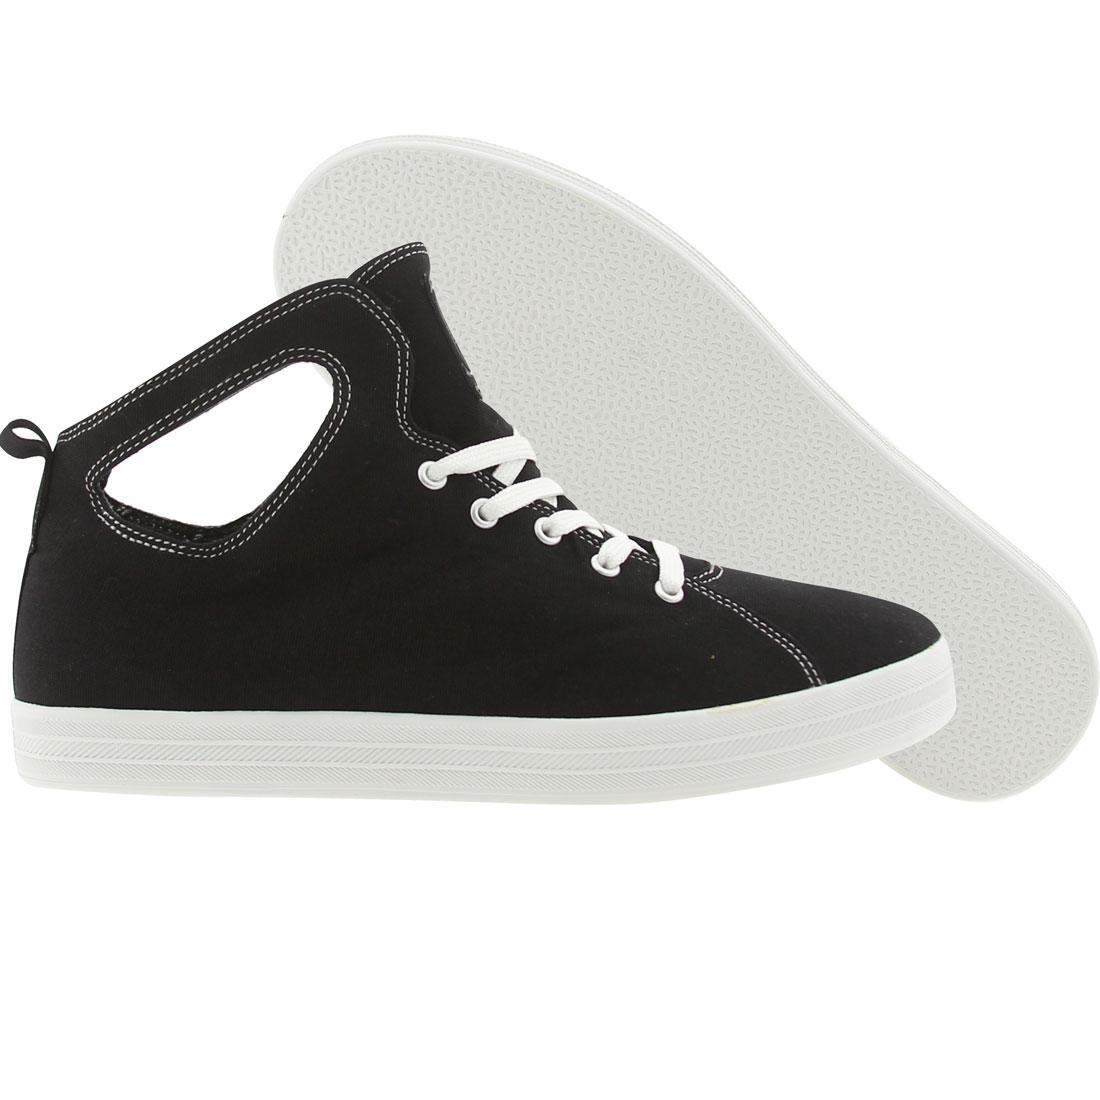 【海外限定】グルメ 靴 スニーカー 【 GOURMET UNO CANVAS BLACK WHITE 】